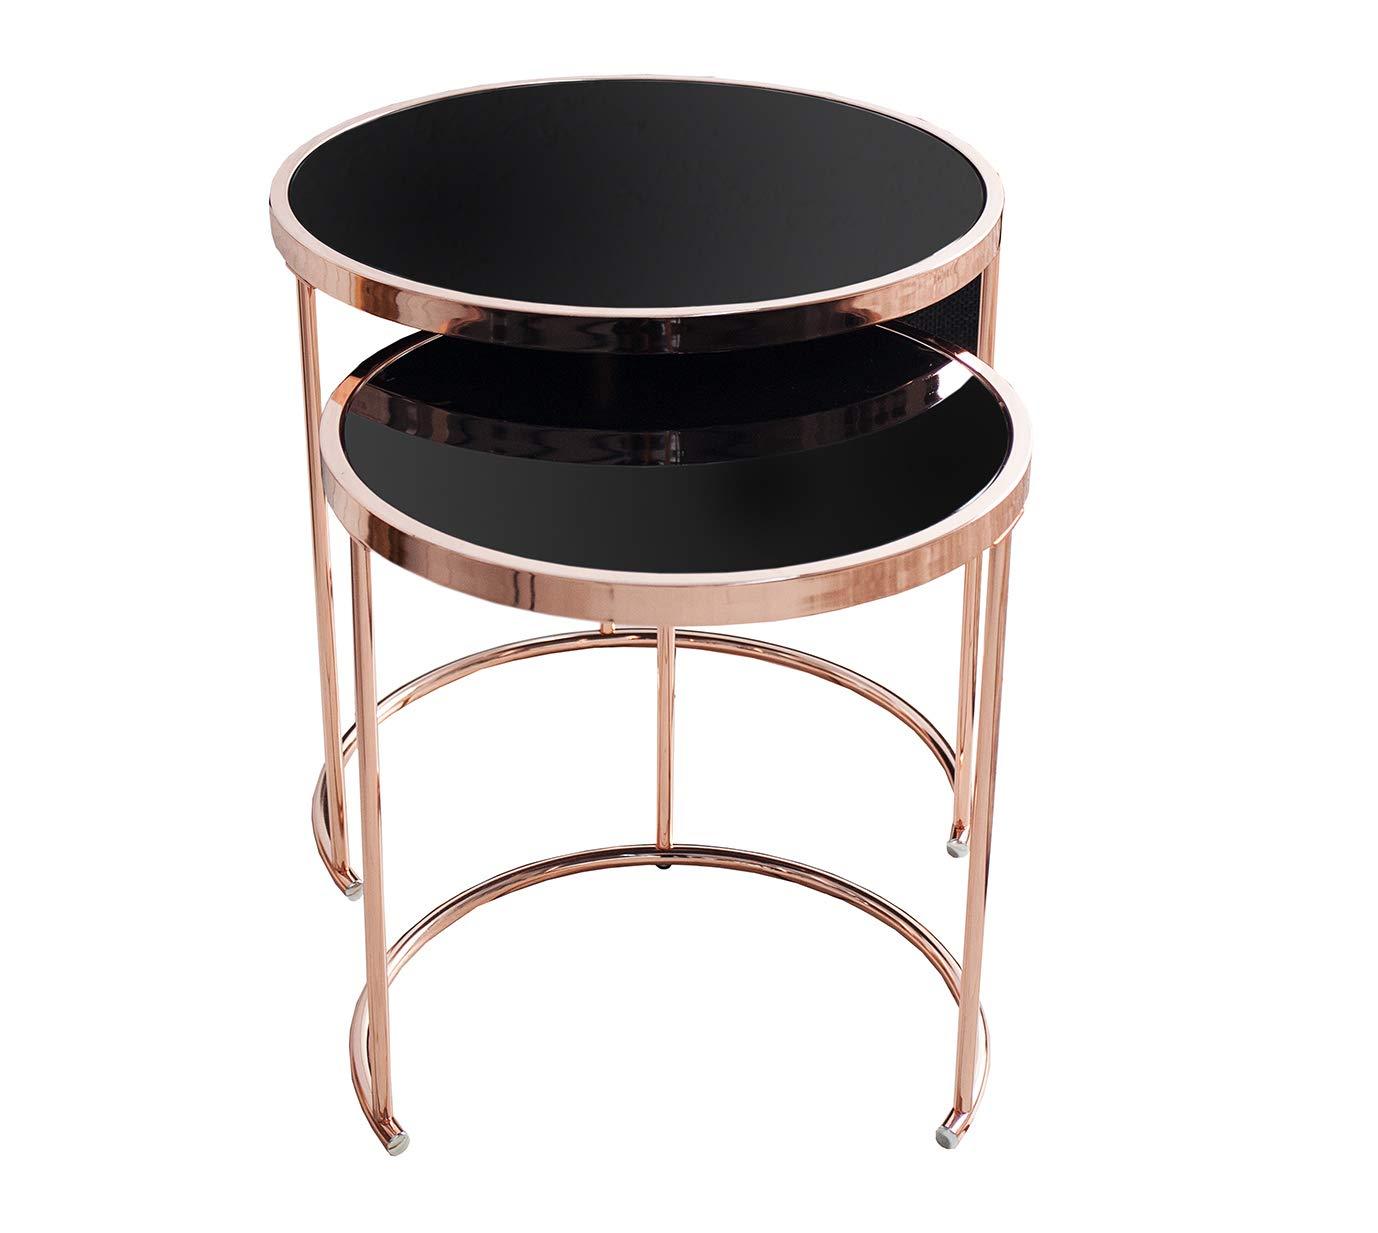 DuNord Design Beistelltisch Couchtisch Set 2er Set Couchtisch CANNES kupfer schwarz Art Deco Design Glastisch d477a6